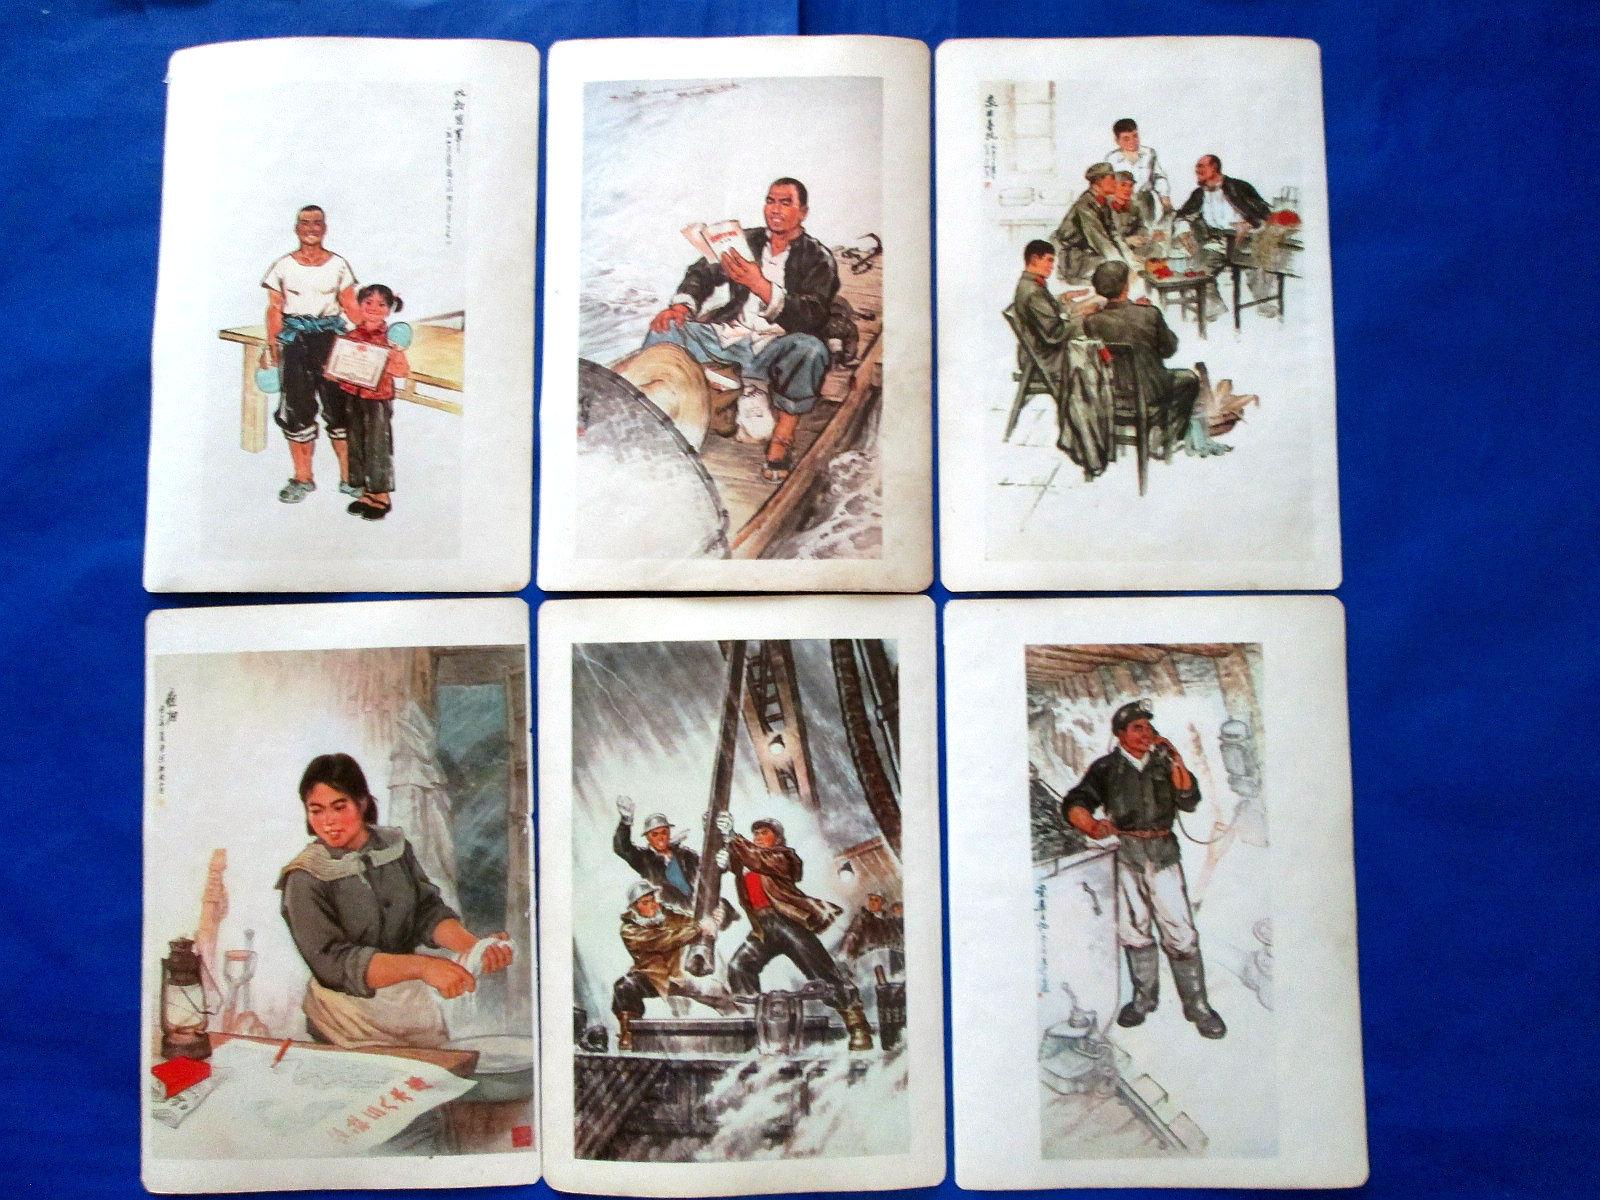 Коллекционные революционные плакаты и портреты 32 контрасты осязаемого времени портреты размышления